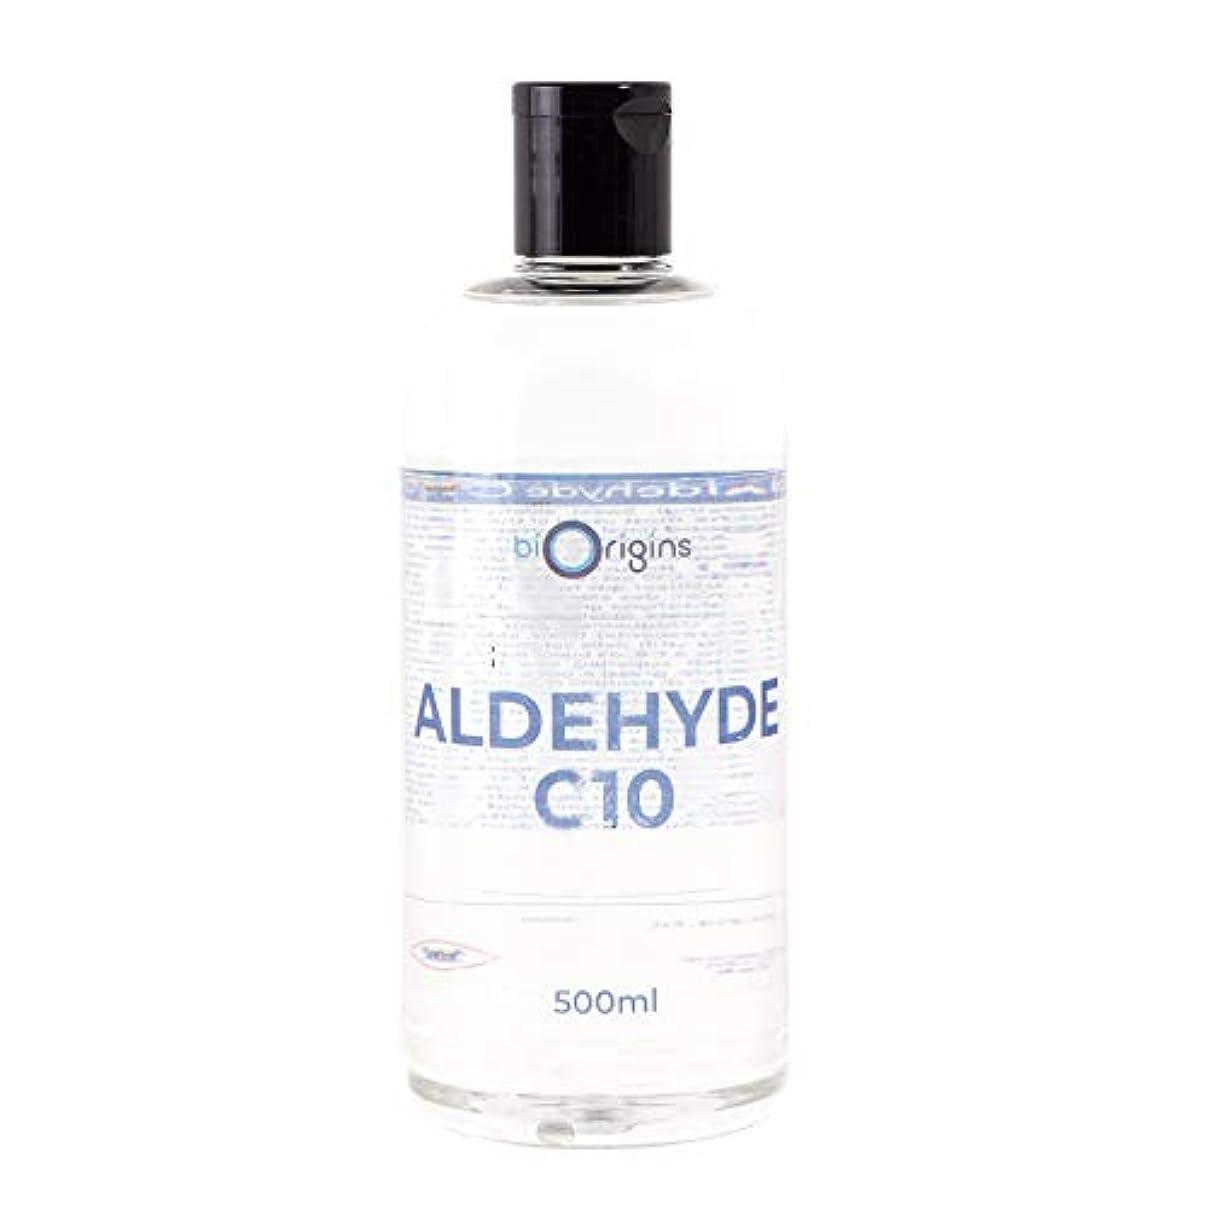 テンションディスコ無効Mystic Moments | Aldehyde C10 (Decanal) - 1 Litre